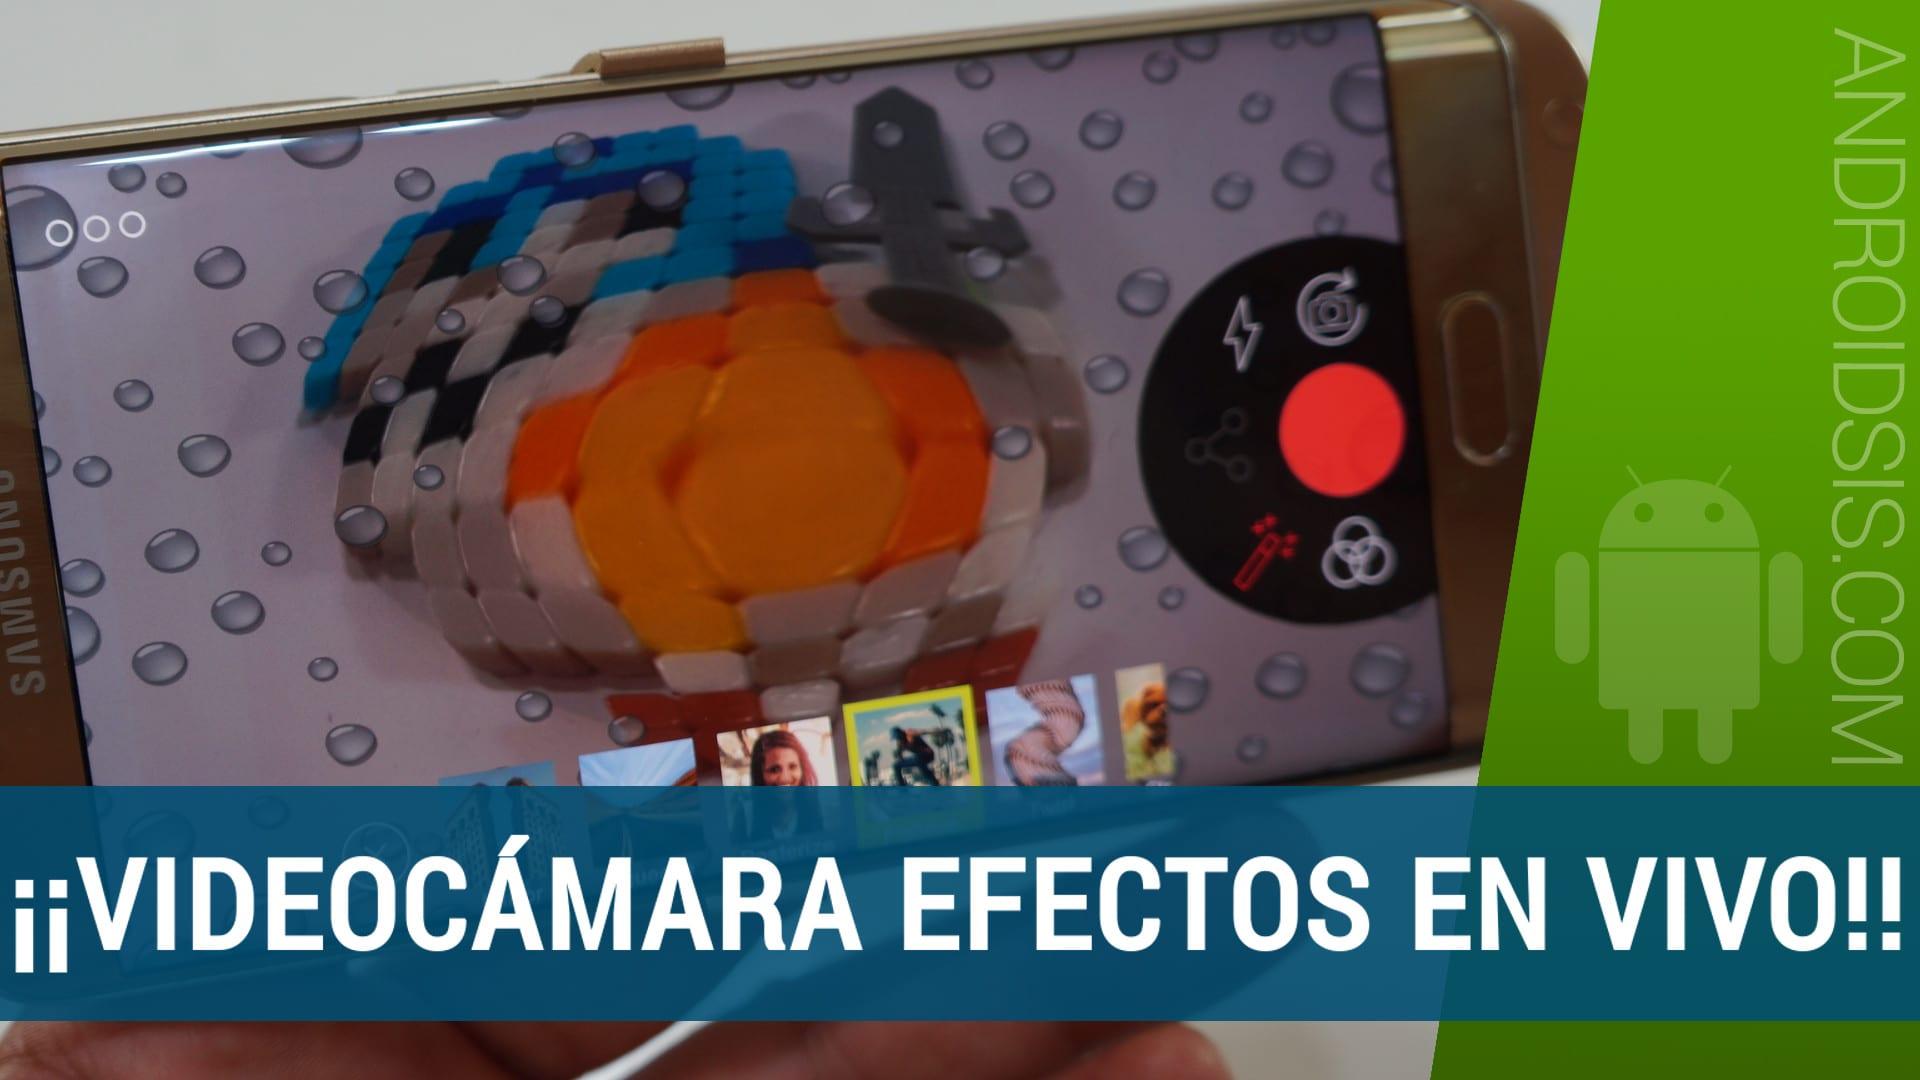 Videona, una videocámara gratis con efectos en vivo